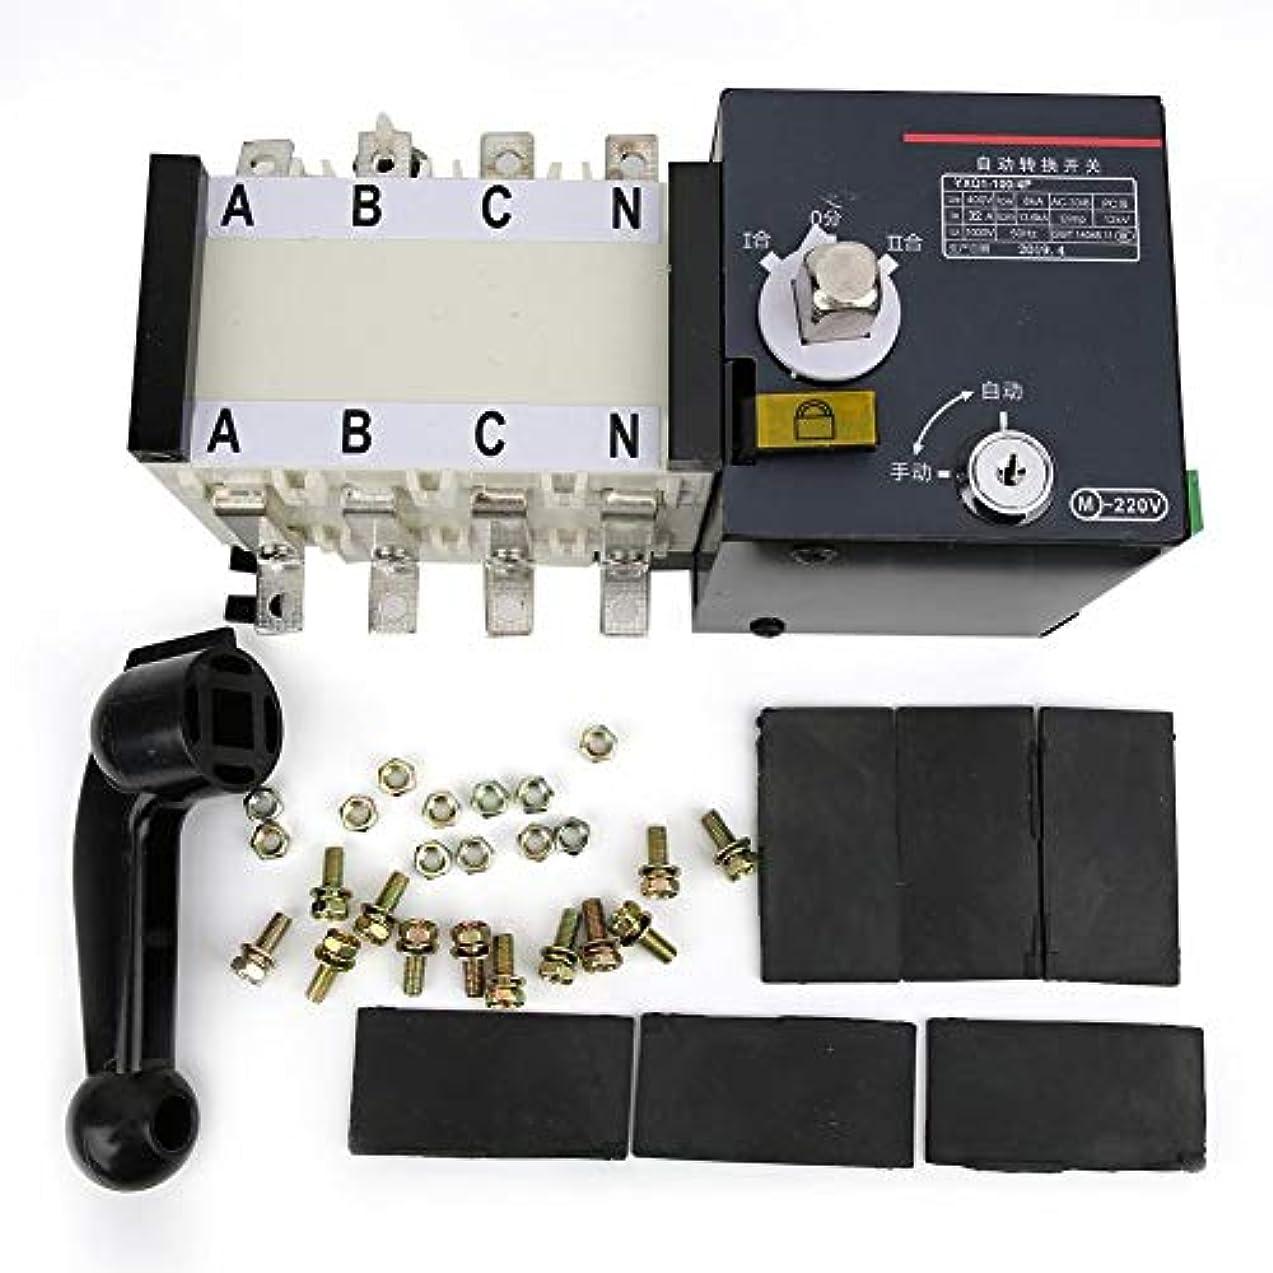 ゲージアクチュエータタービン転送スイッチ、デュアル電源自動転送スイッチ、ハンドル4P 100Aを備えたPCレベルのリモートコントロール機能、ミニインテリジェントデュアル電源自動転送スイッチ、自動変換用